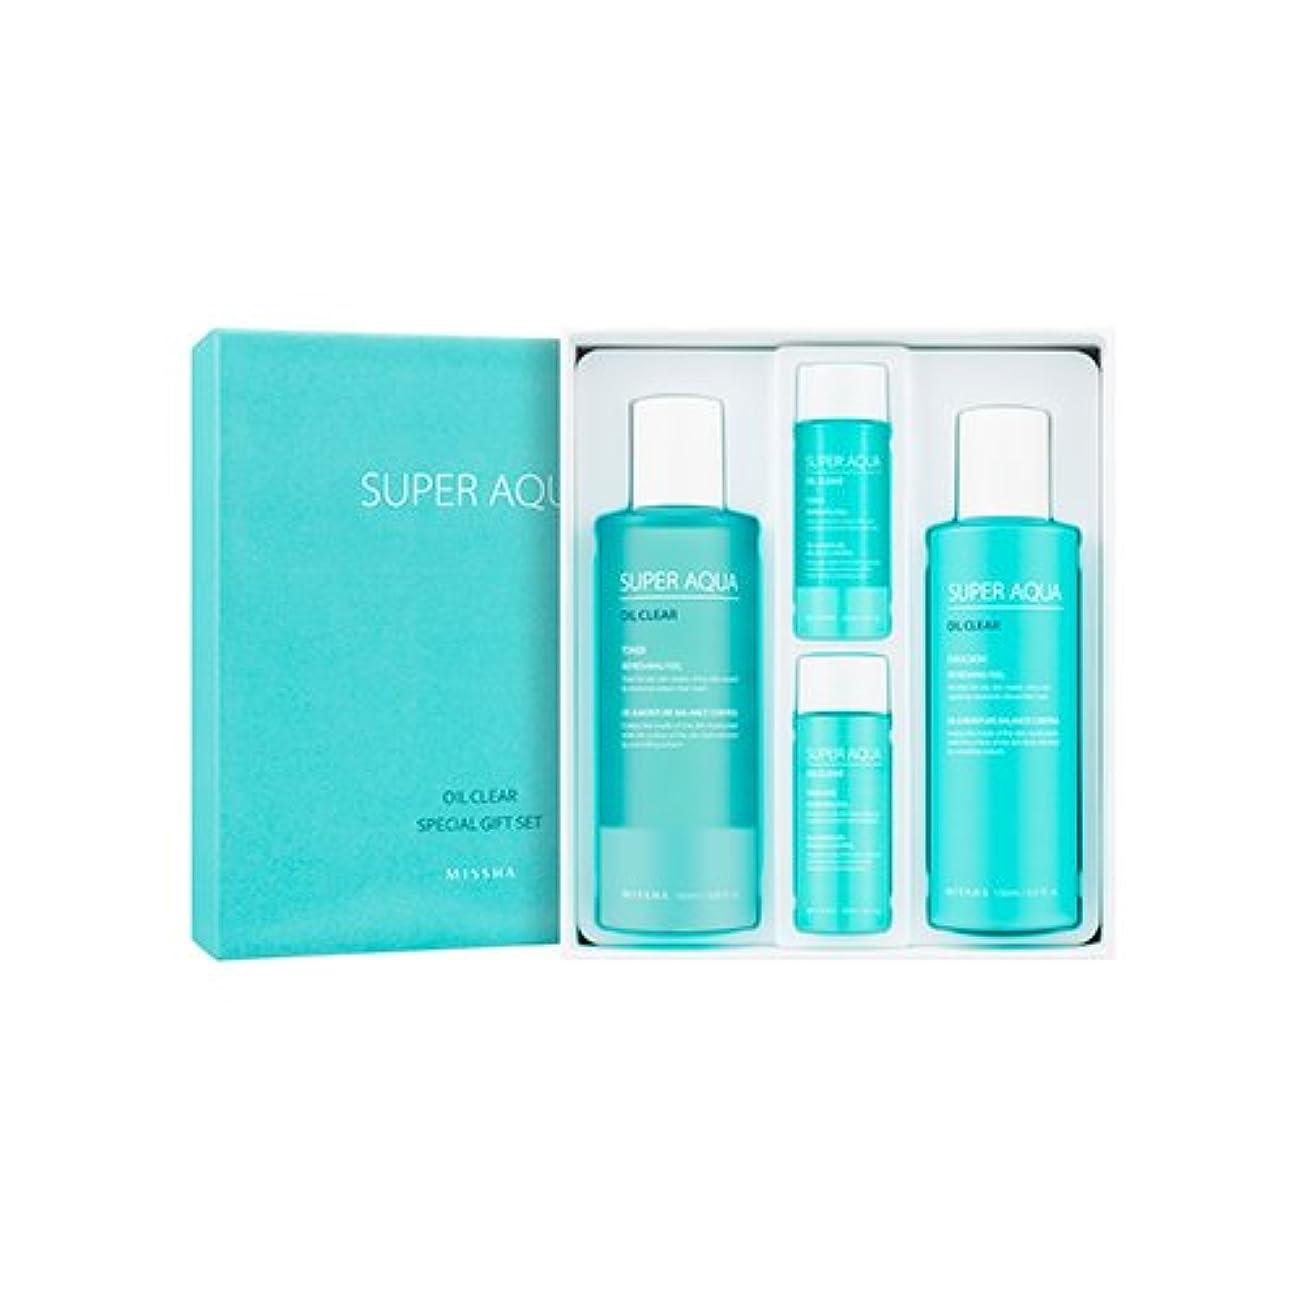 一貫したラフインストールMISSHA Super Aqua Oil Clear Special Gift Set/ミシャ スーパーアクアオイルクリアスペシャルギフトセット [並行輸入品]